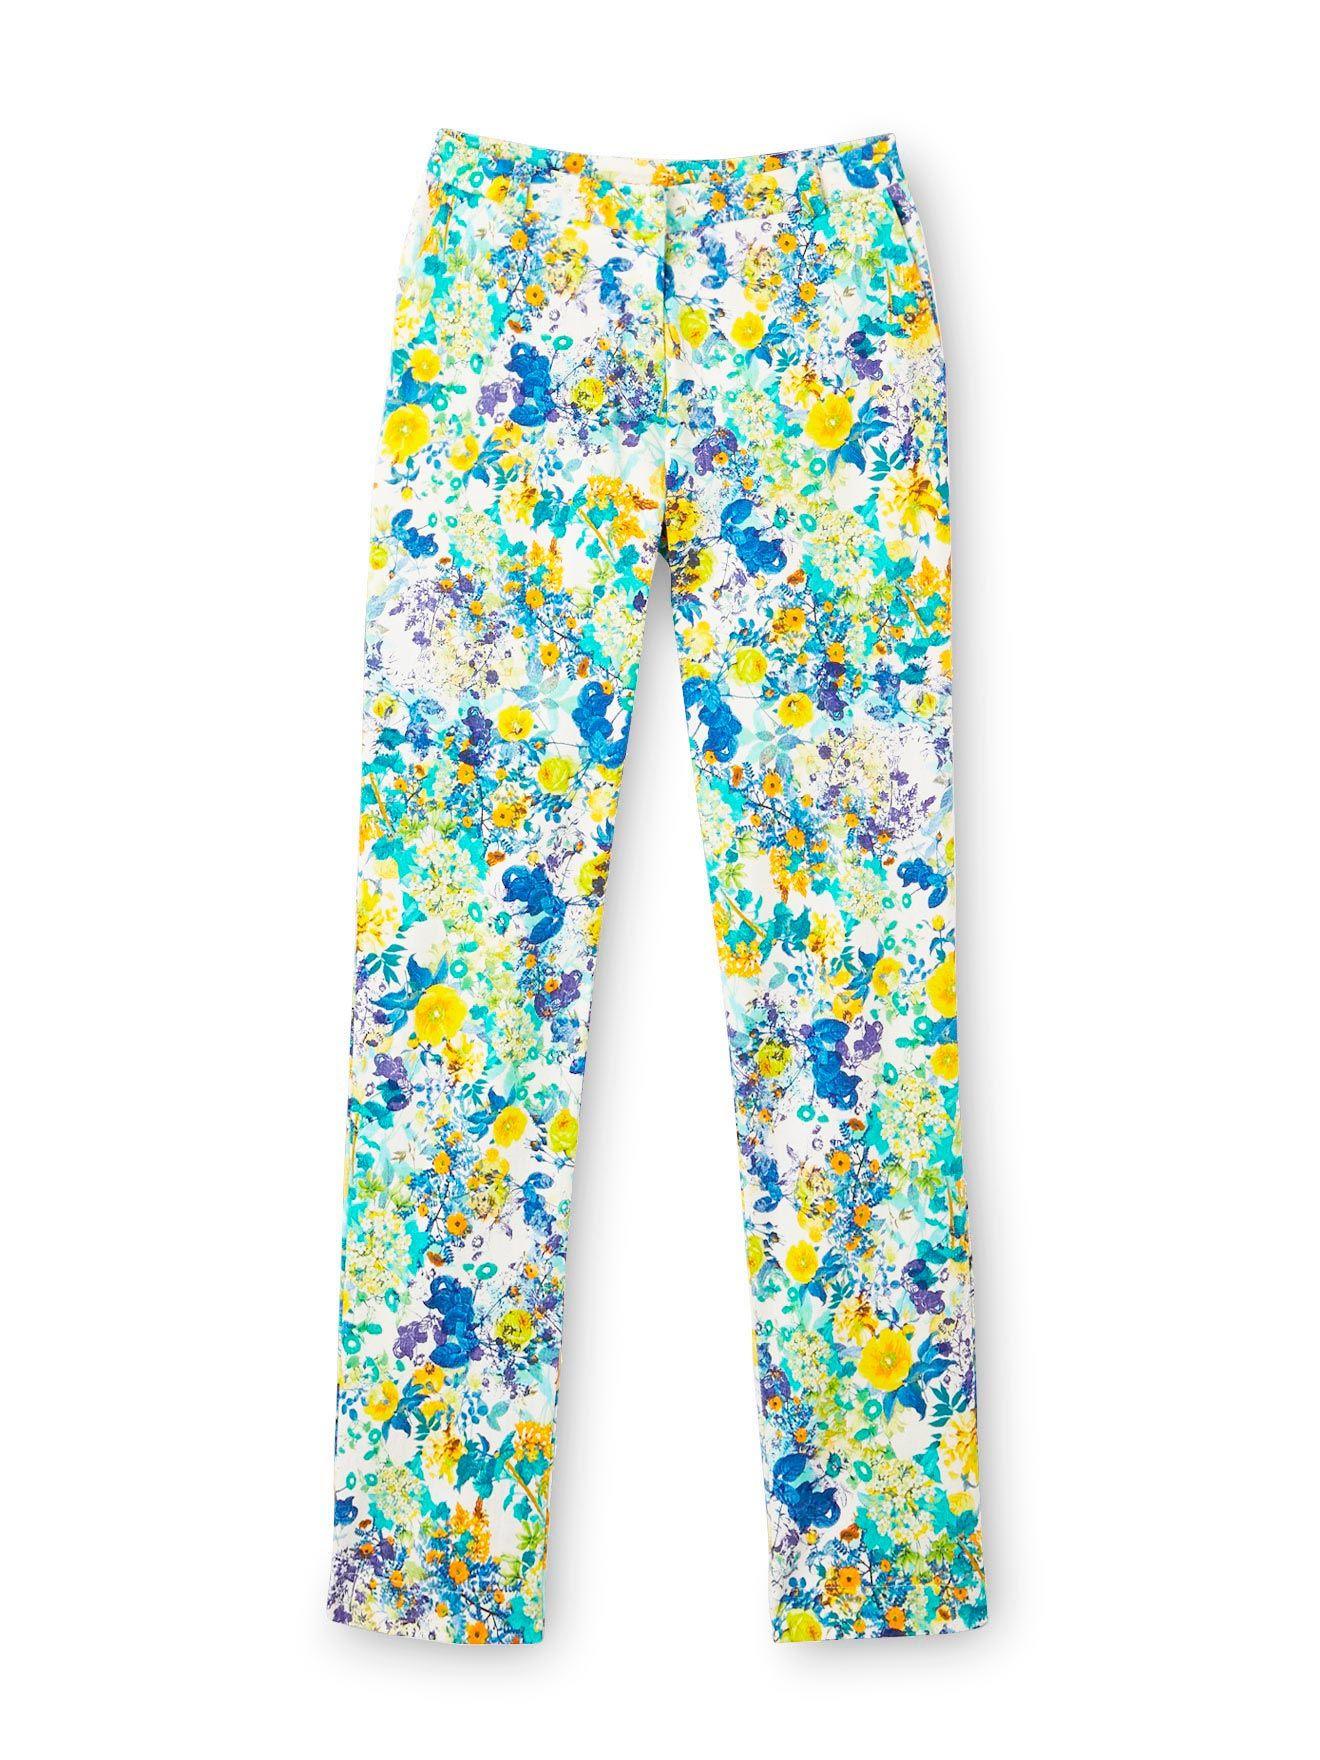 meilleur service a8ea5 3bca9 Pantalon 7/8ème imprimé-Femme-Celaia   balsamik.fr   Fashion ...